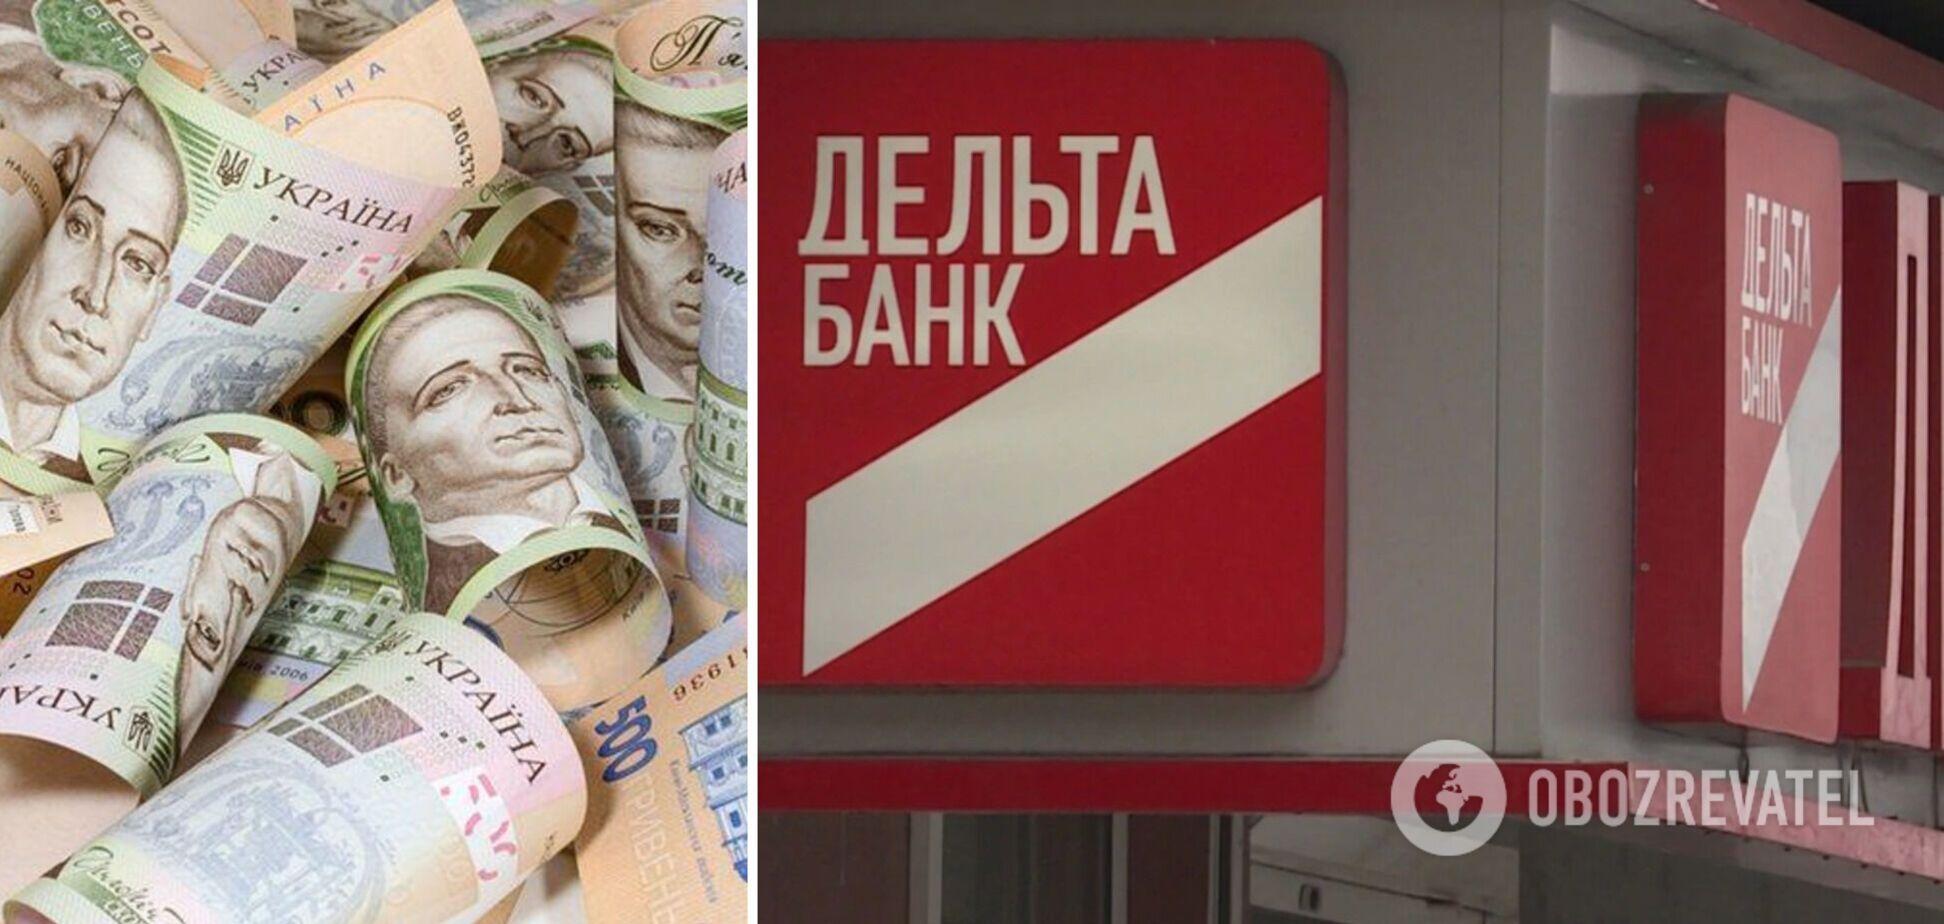 Ексвласнику Дельта Банку повідомили про підозру в розтраті понад 1 млрд грн